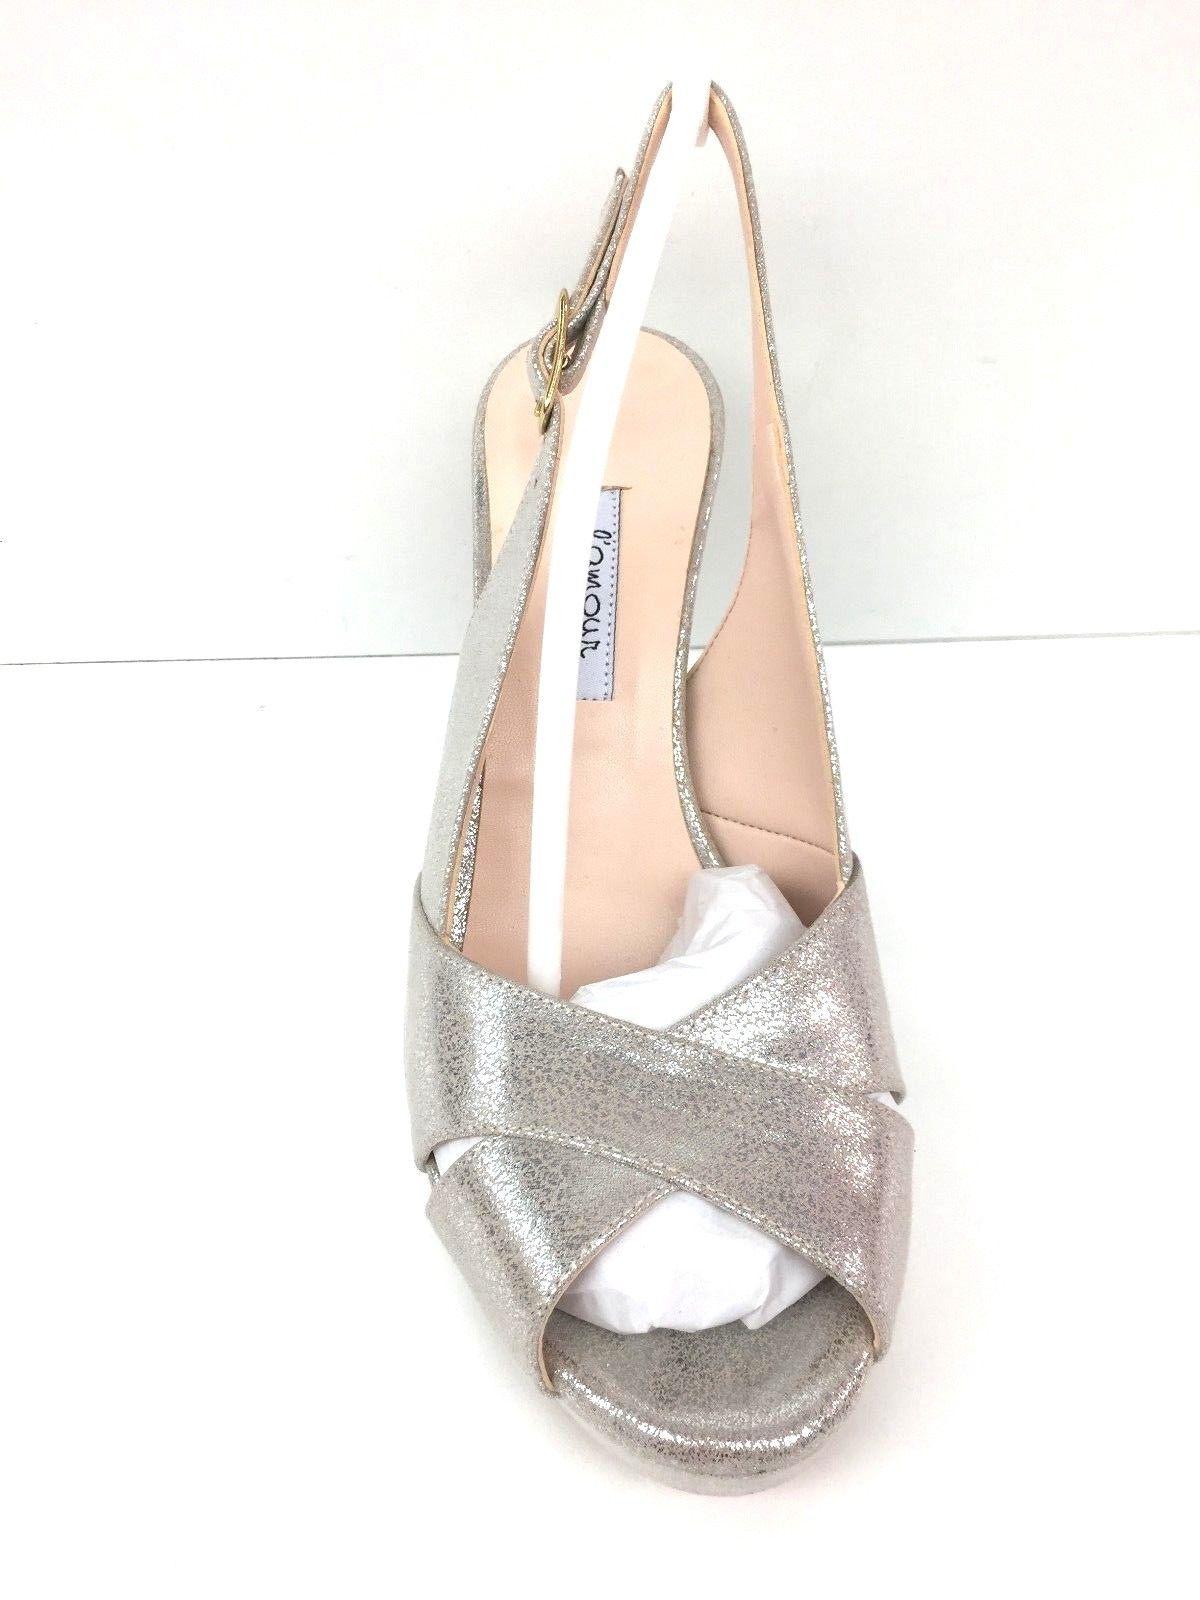 Albano 'Mujer Amado Original Sandal Decolte Tacón Zapatos 124 gbf7Y6yv